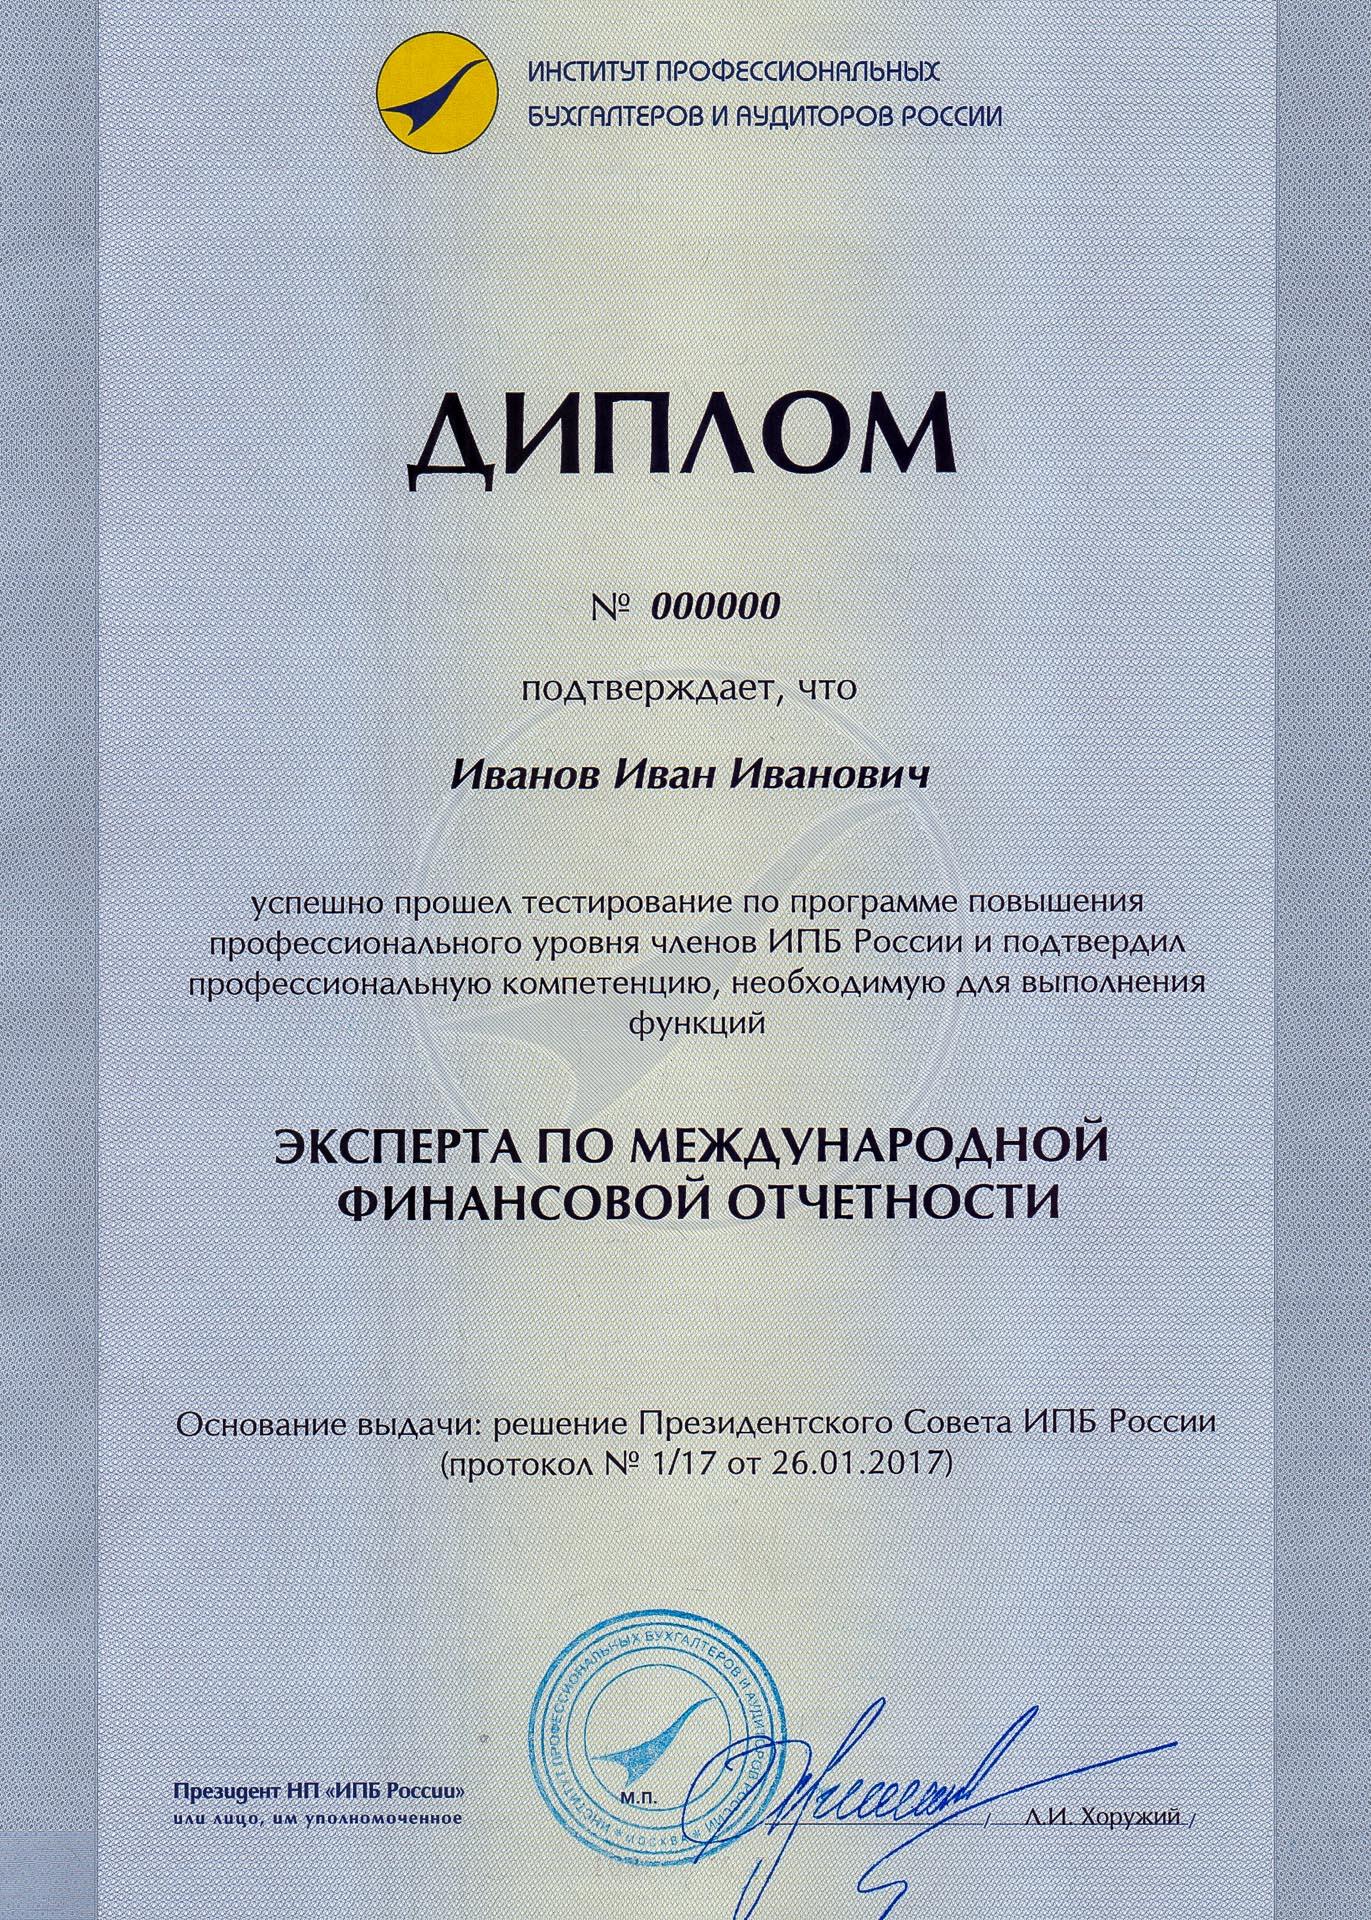 Образцы документов выдаваемых ИПБ России ИПБ России Диплом эксперта по международной финансовой отчетности Кликните на изображение чтобы увеличить его